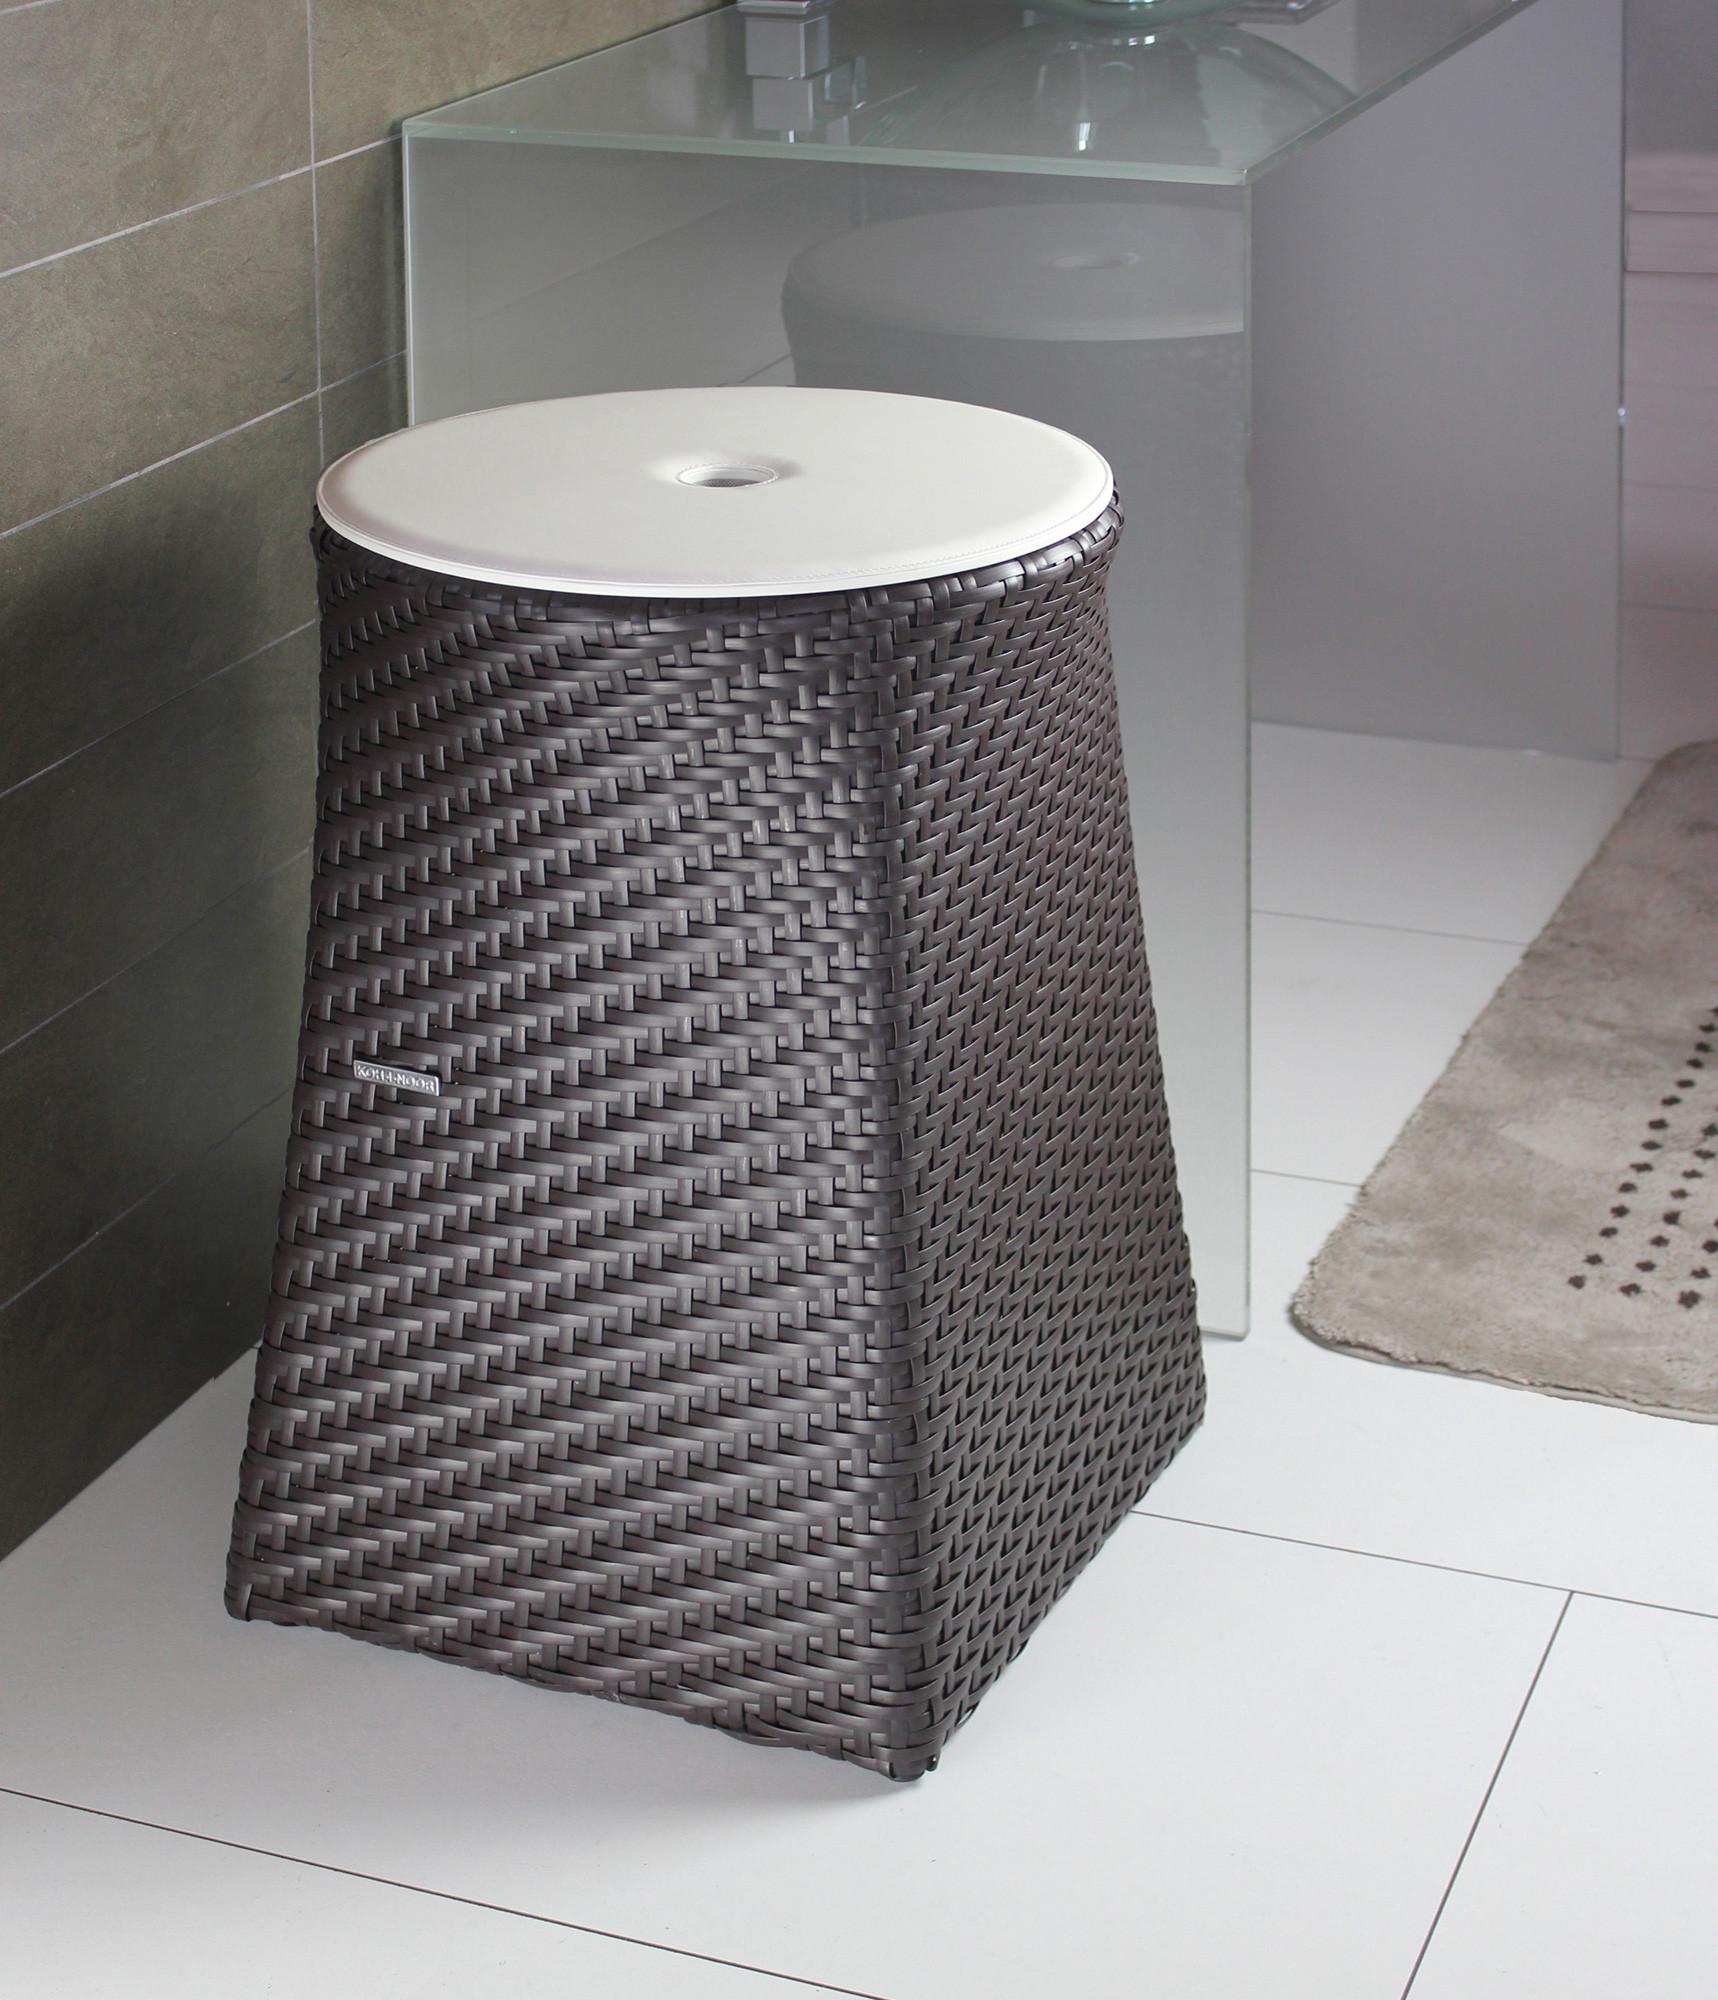 panier linge tabouret marron loft 47cm anjou connectique. Black Bedroom Furniture Sets. Home Design Ideas